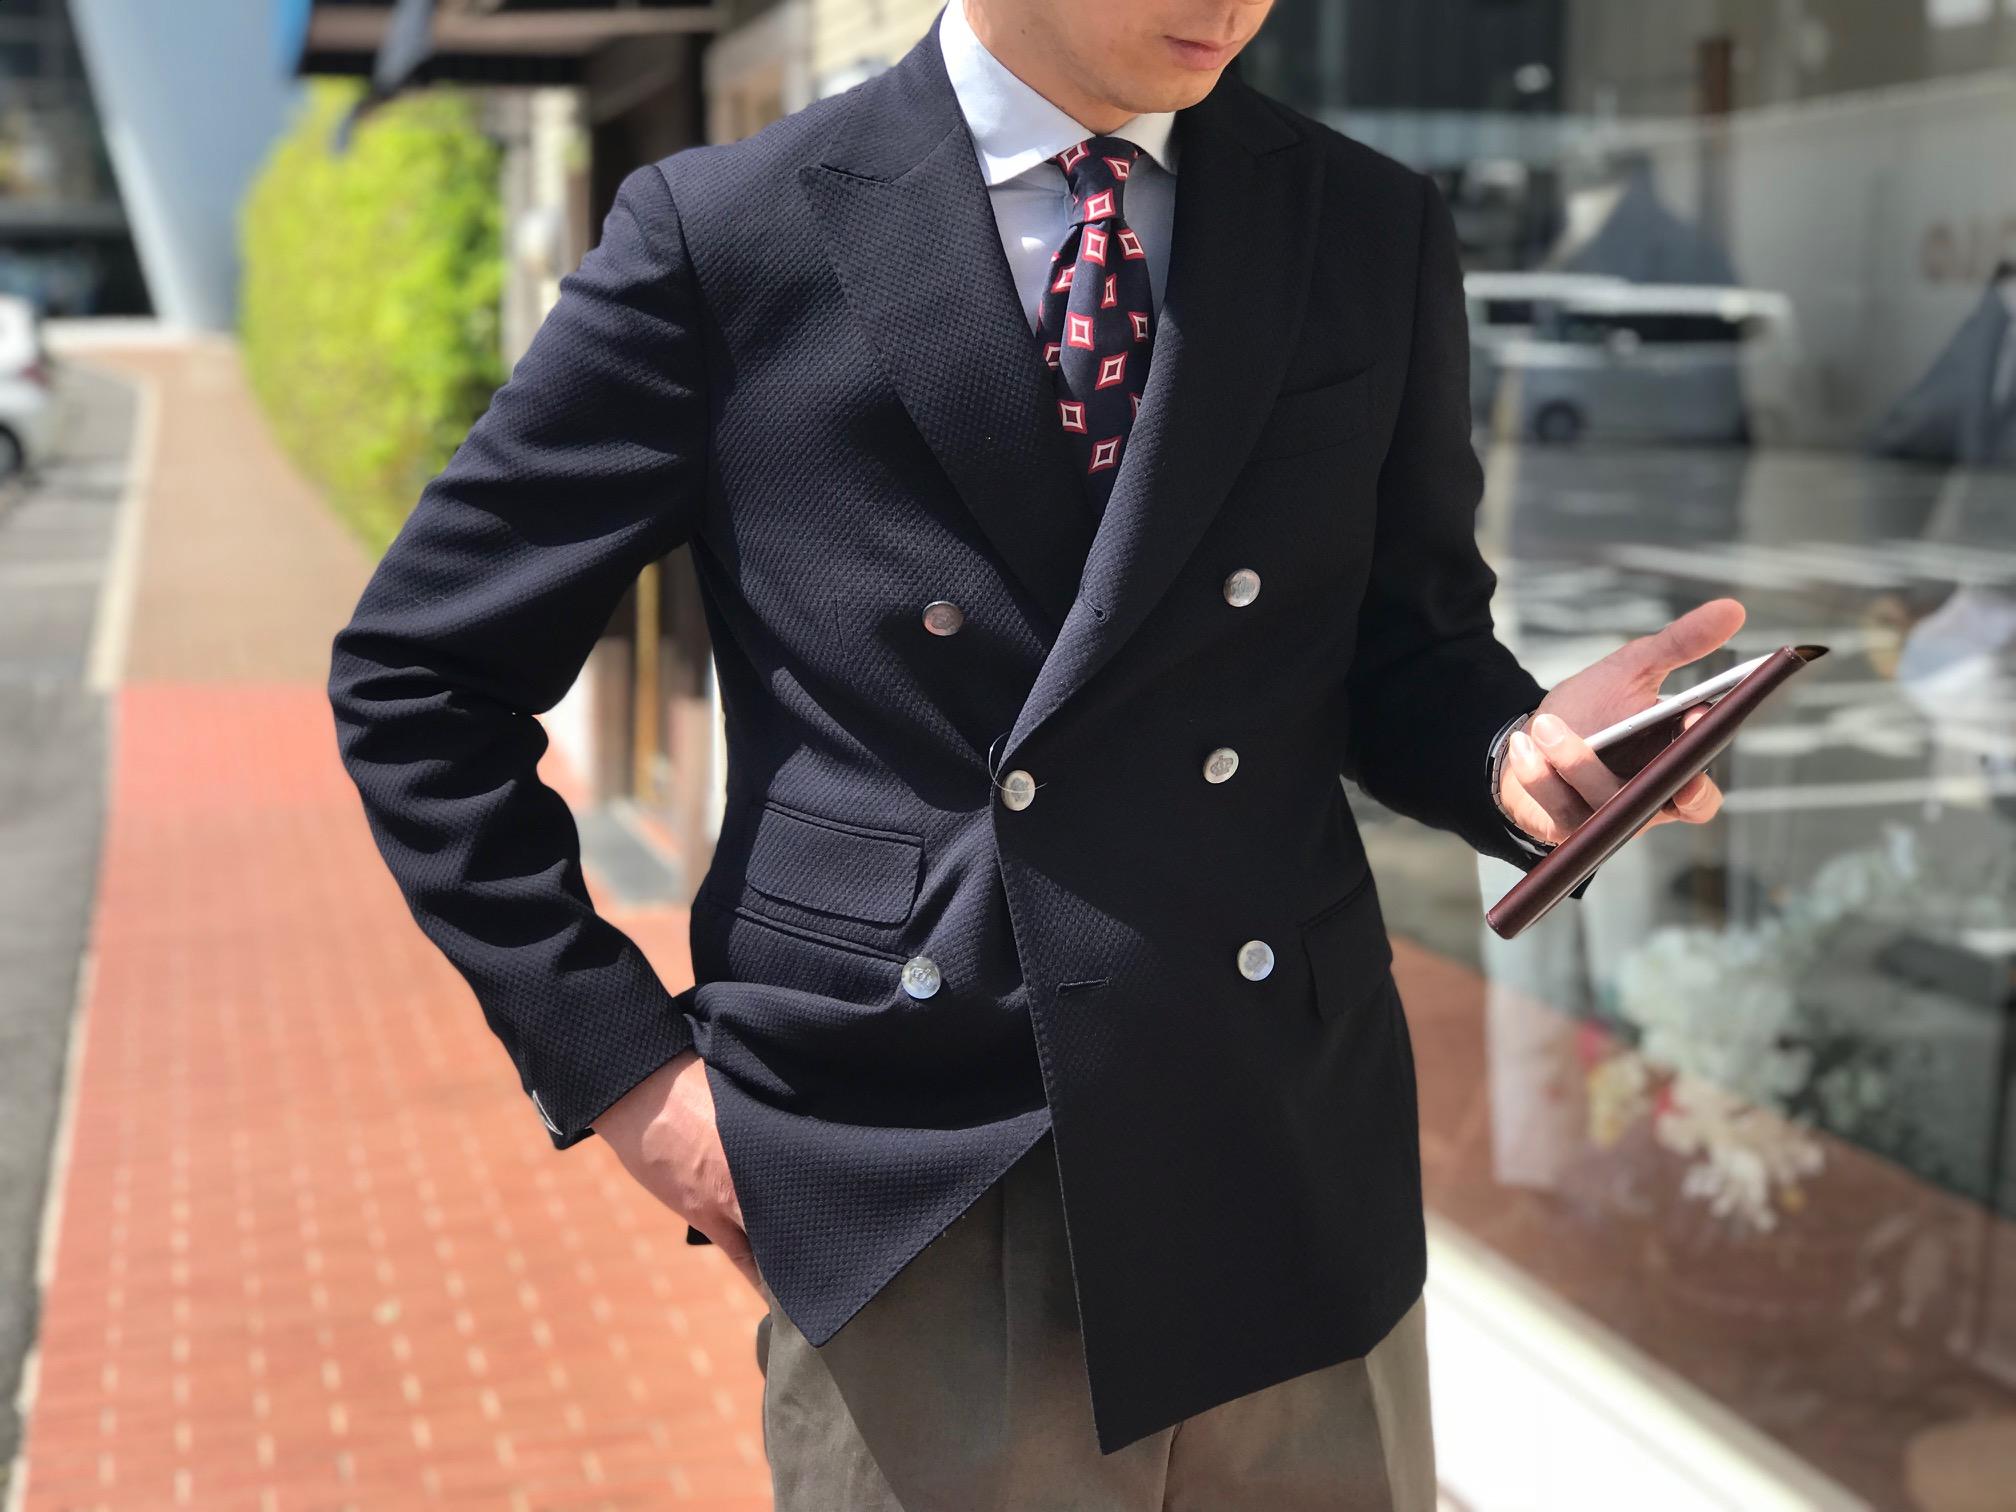 ONスタイルでマジメに着崩すジャケット!【THE GIGI】「MIRO」ハニカム風ネイビーダブルブレストジャケット!!